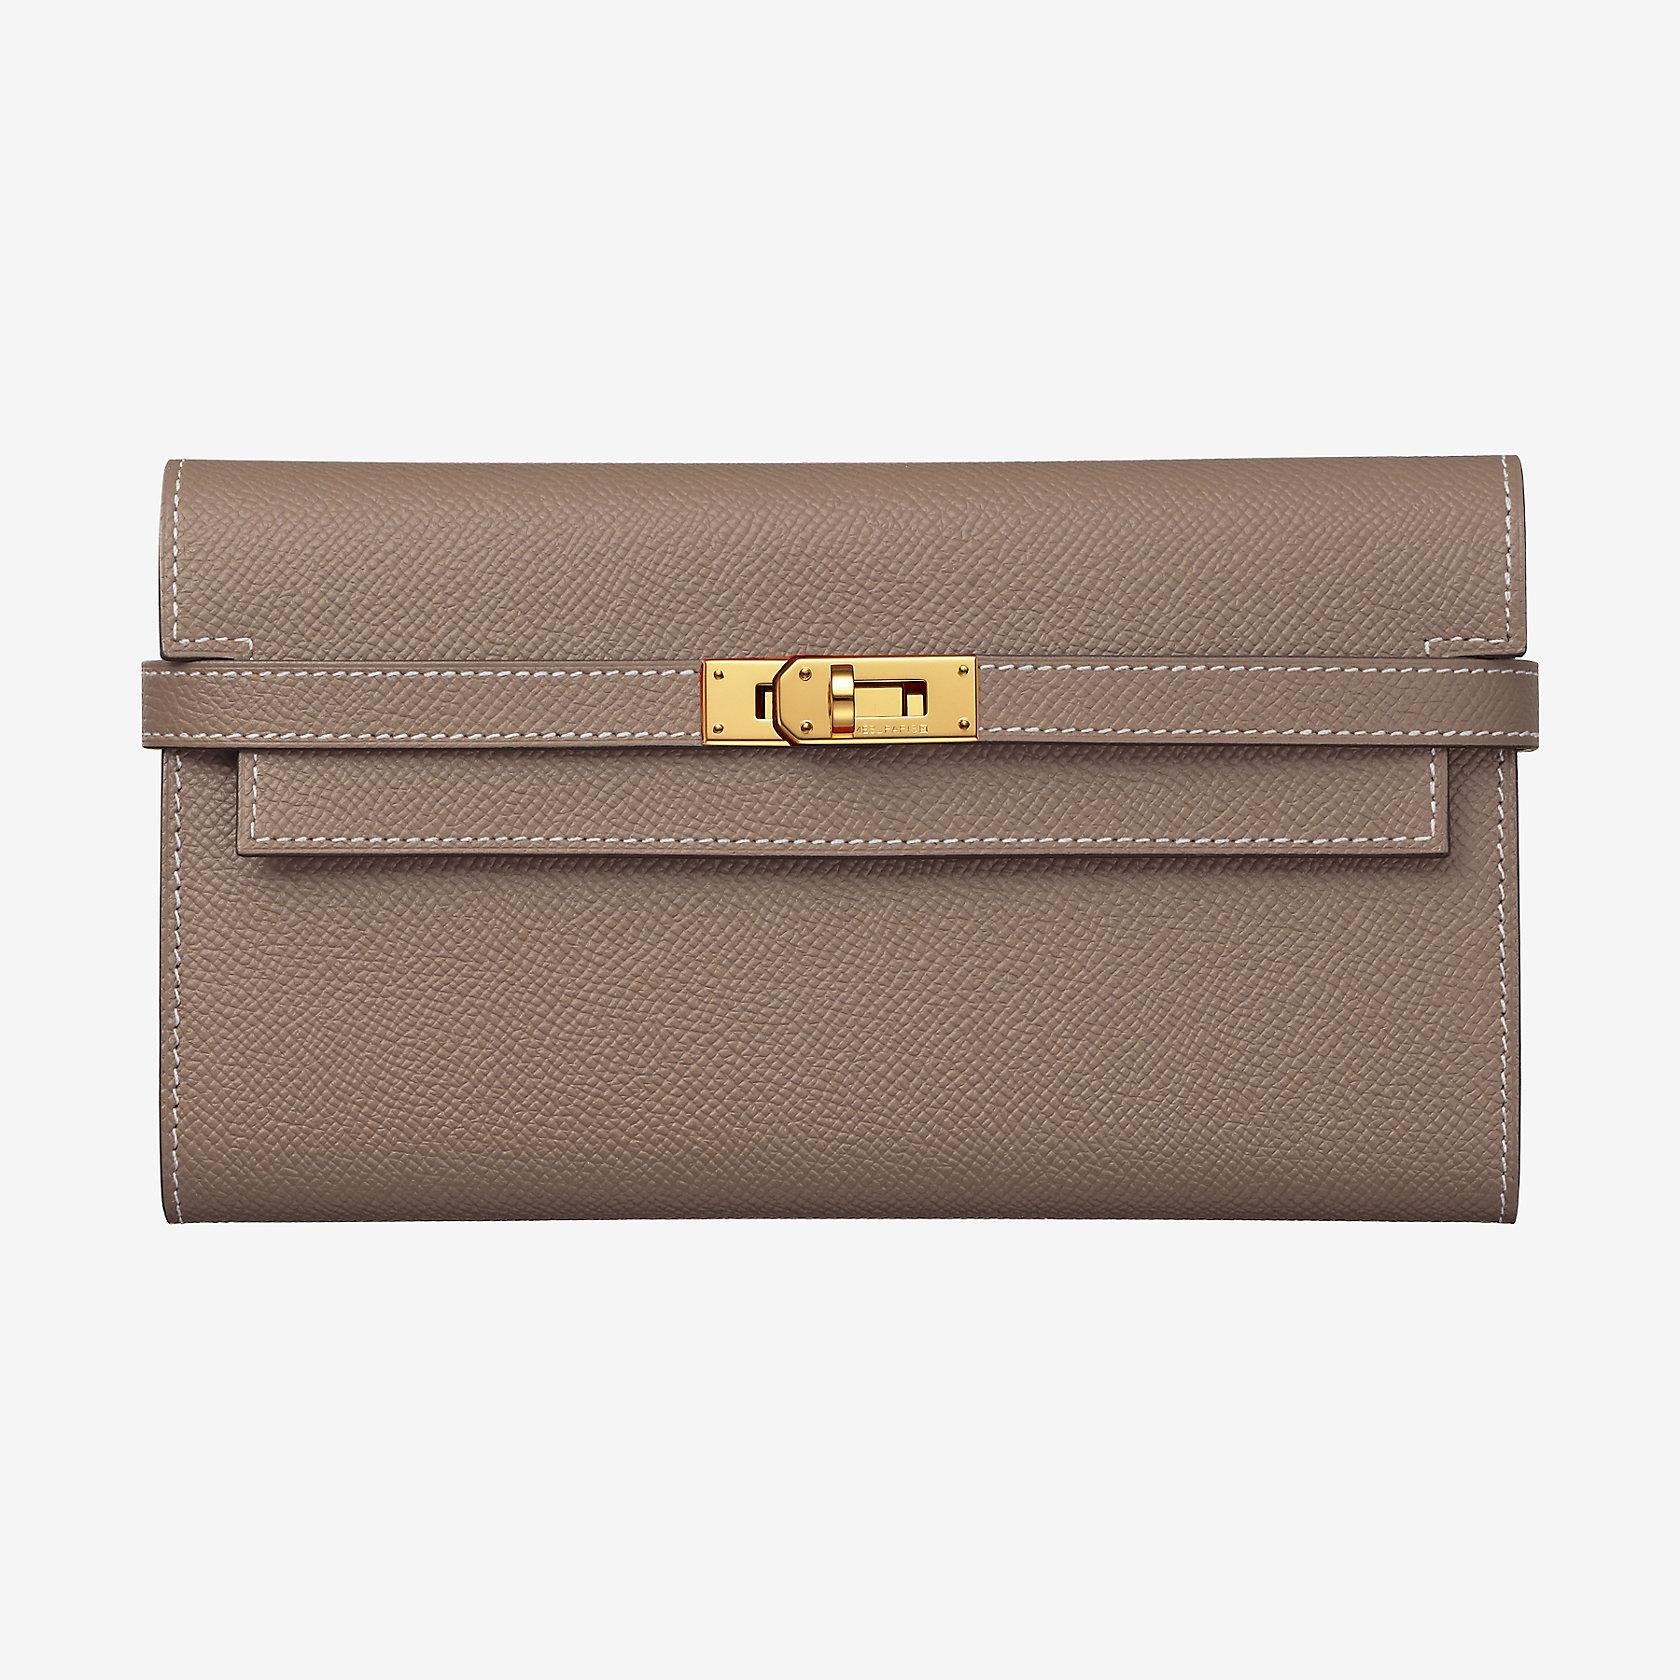 Portefeuille Kelly classique   Hermès 64649dbfd98